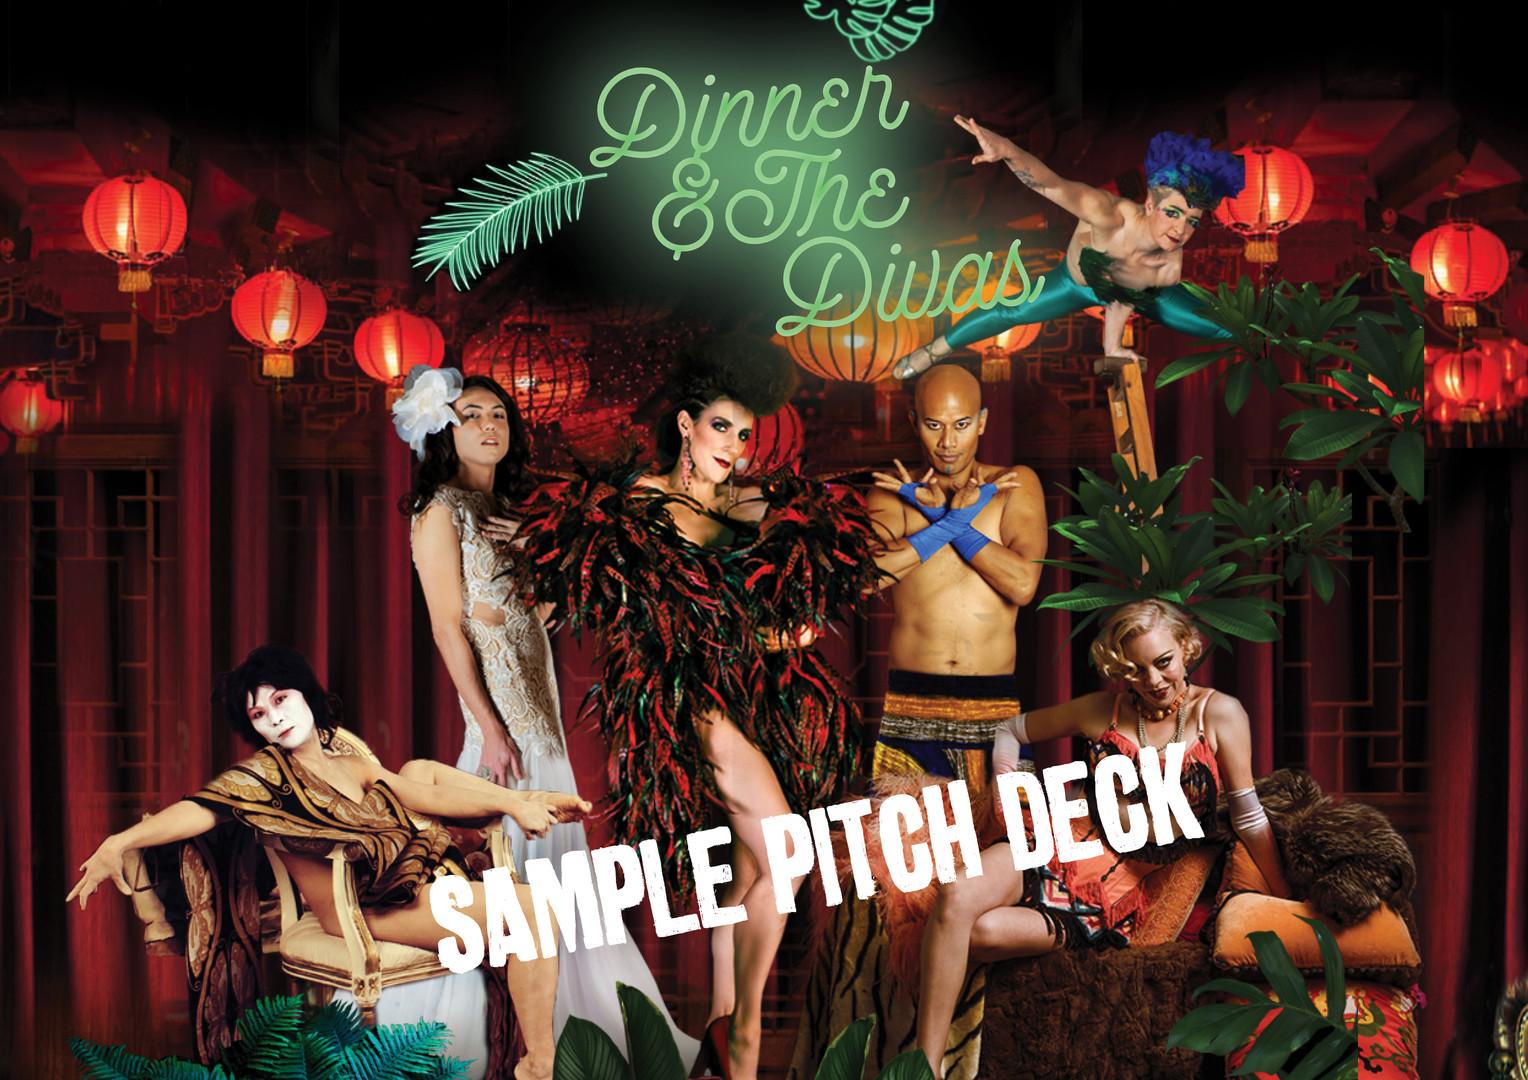 Ptich Deck front dinner Divas.jpg